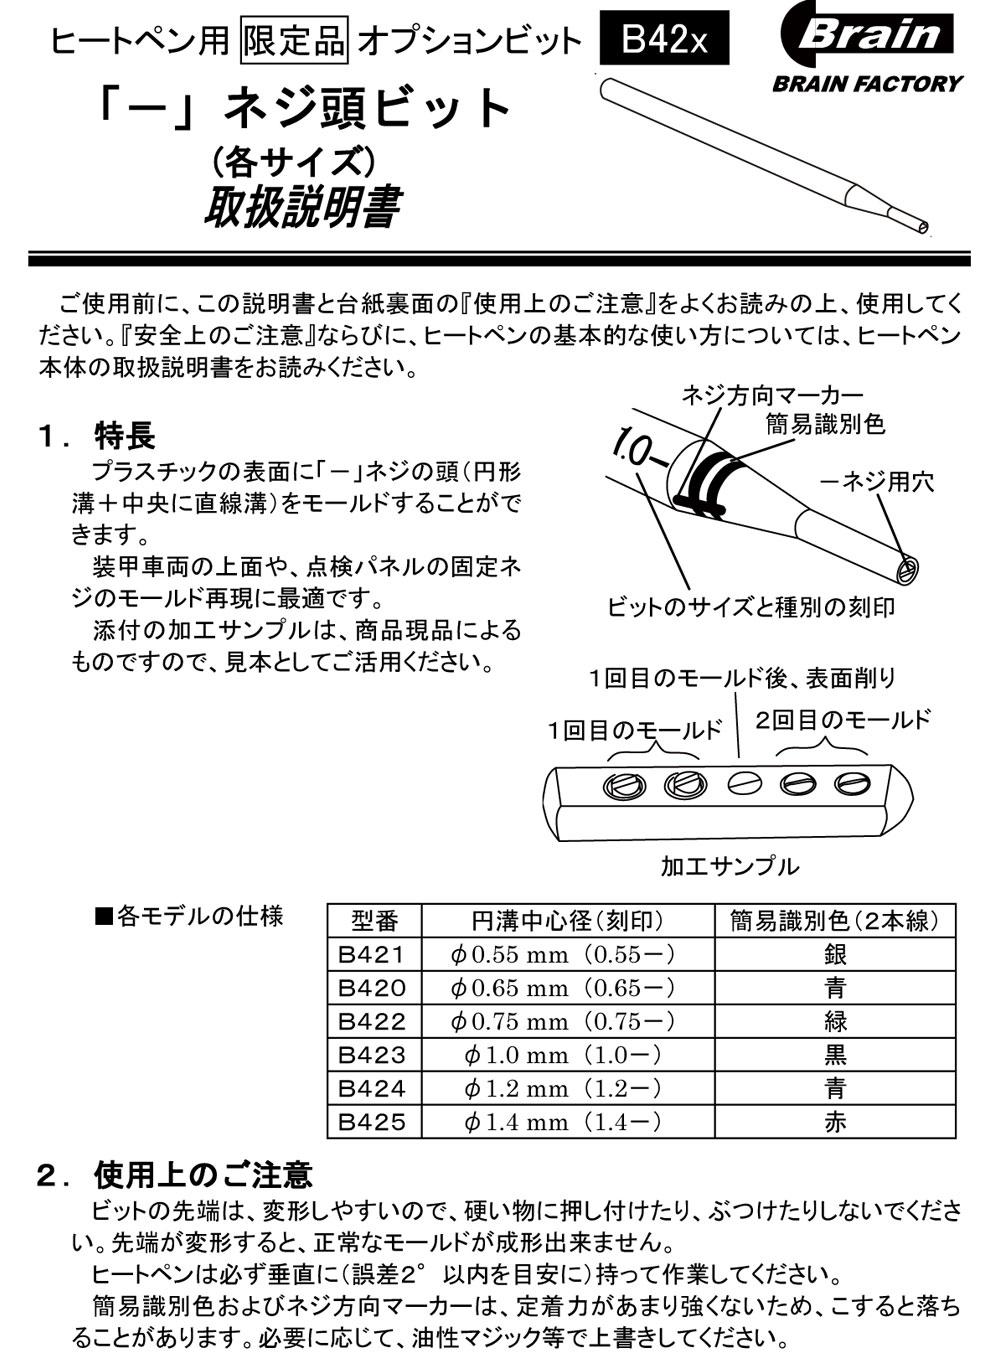 - ネジ頭ビット 直径 1.8ビット(ブレインファクトリーヒートペン用 オプションビットNo.B426)商品画像_3